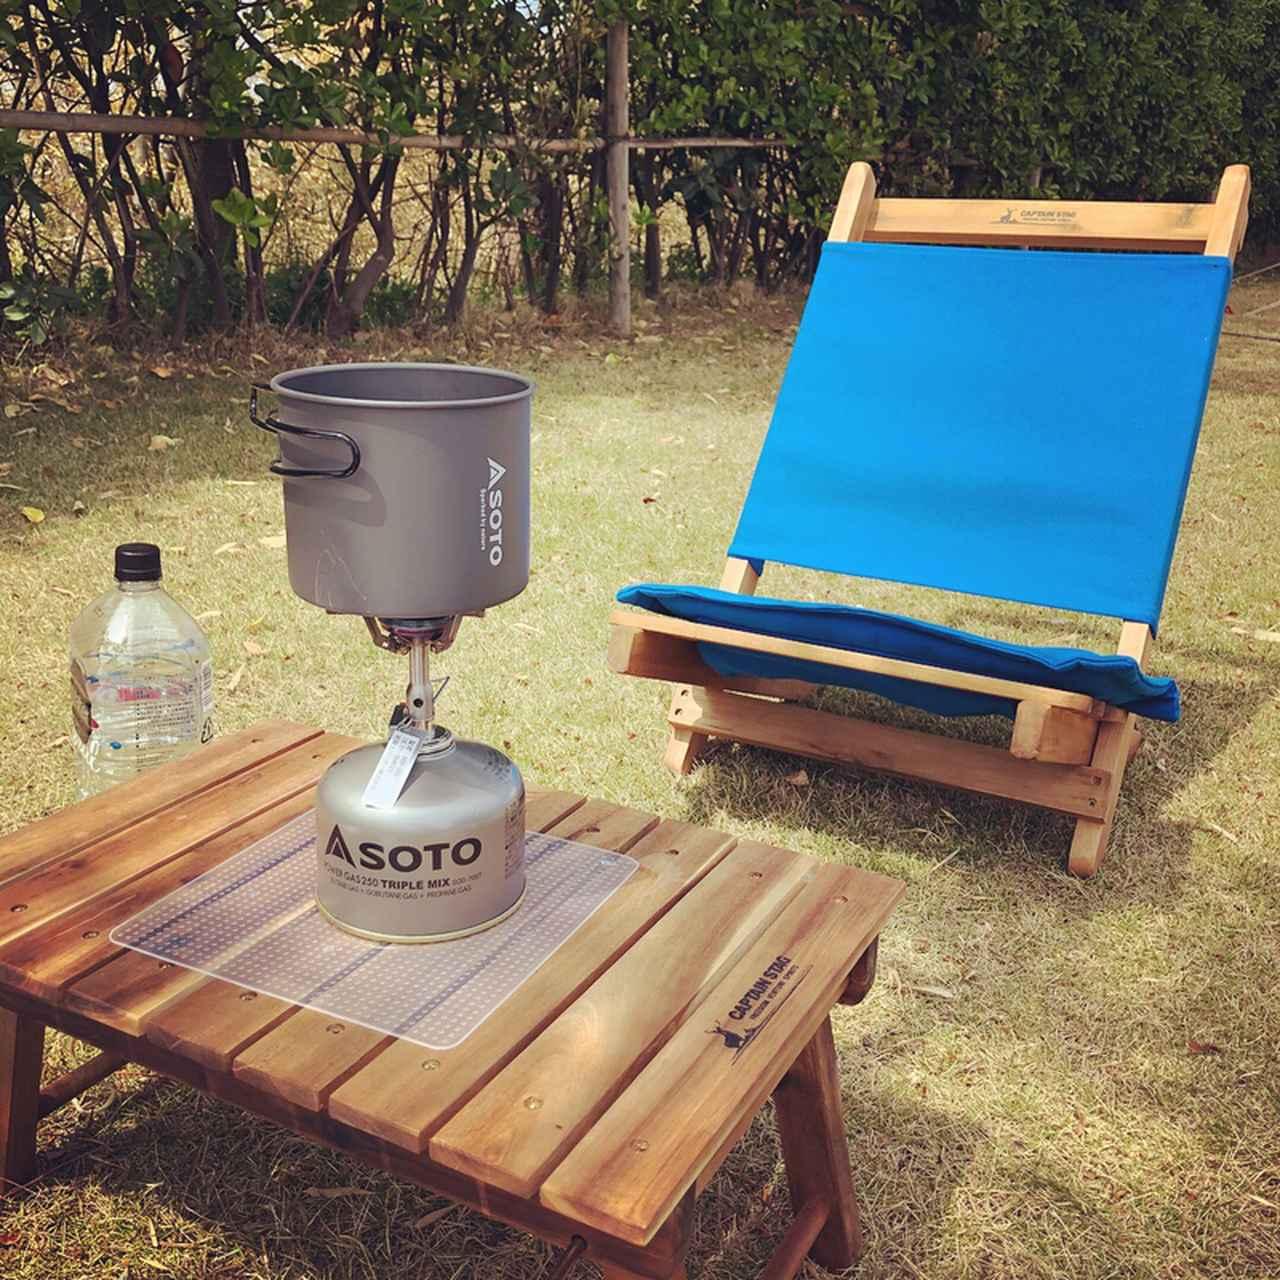 画像: コッヘルはアウトドア用の小型調理器具 炊飯や燻製など、幅広い料理に対応